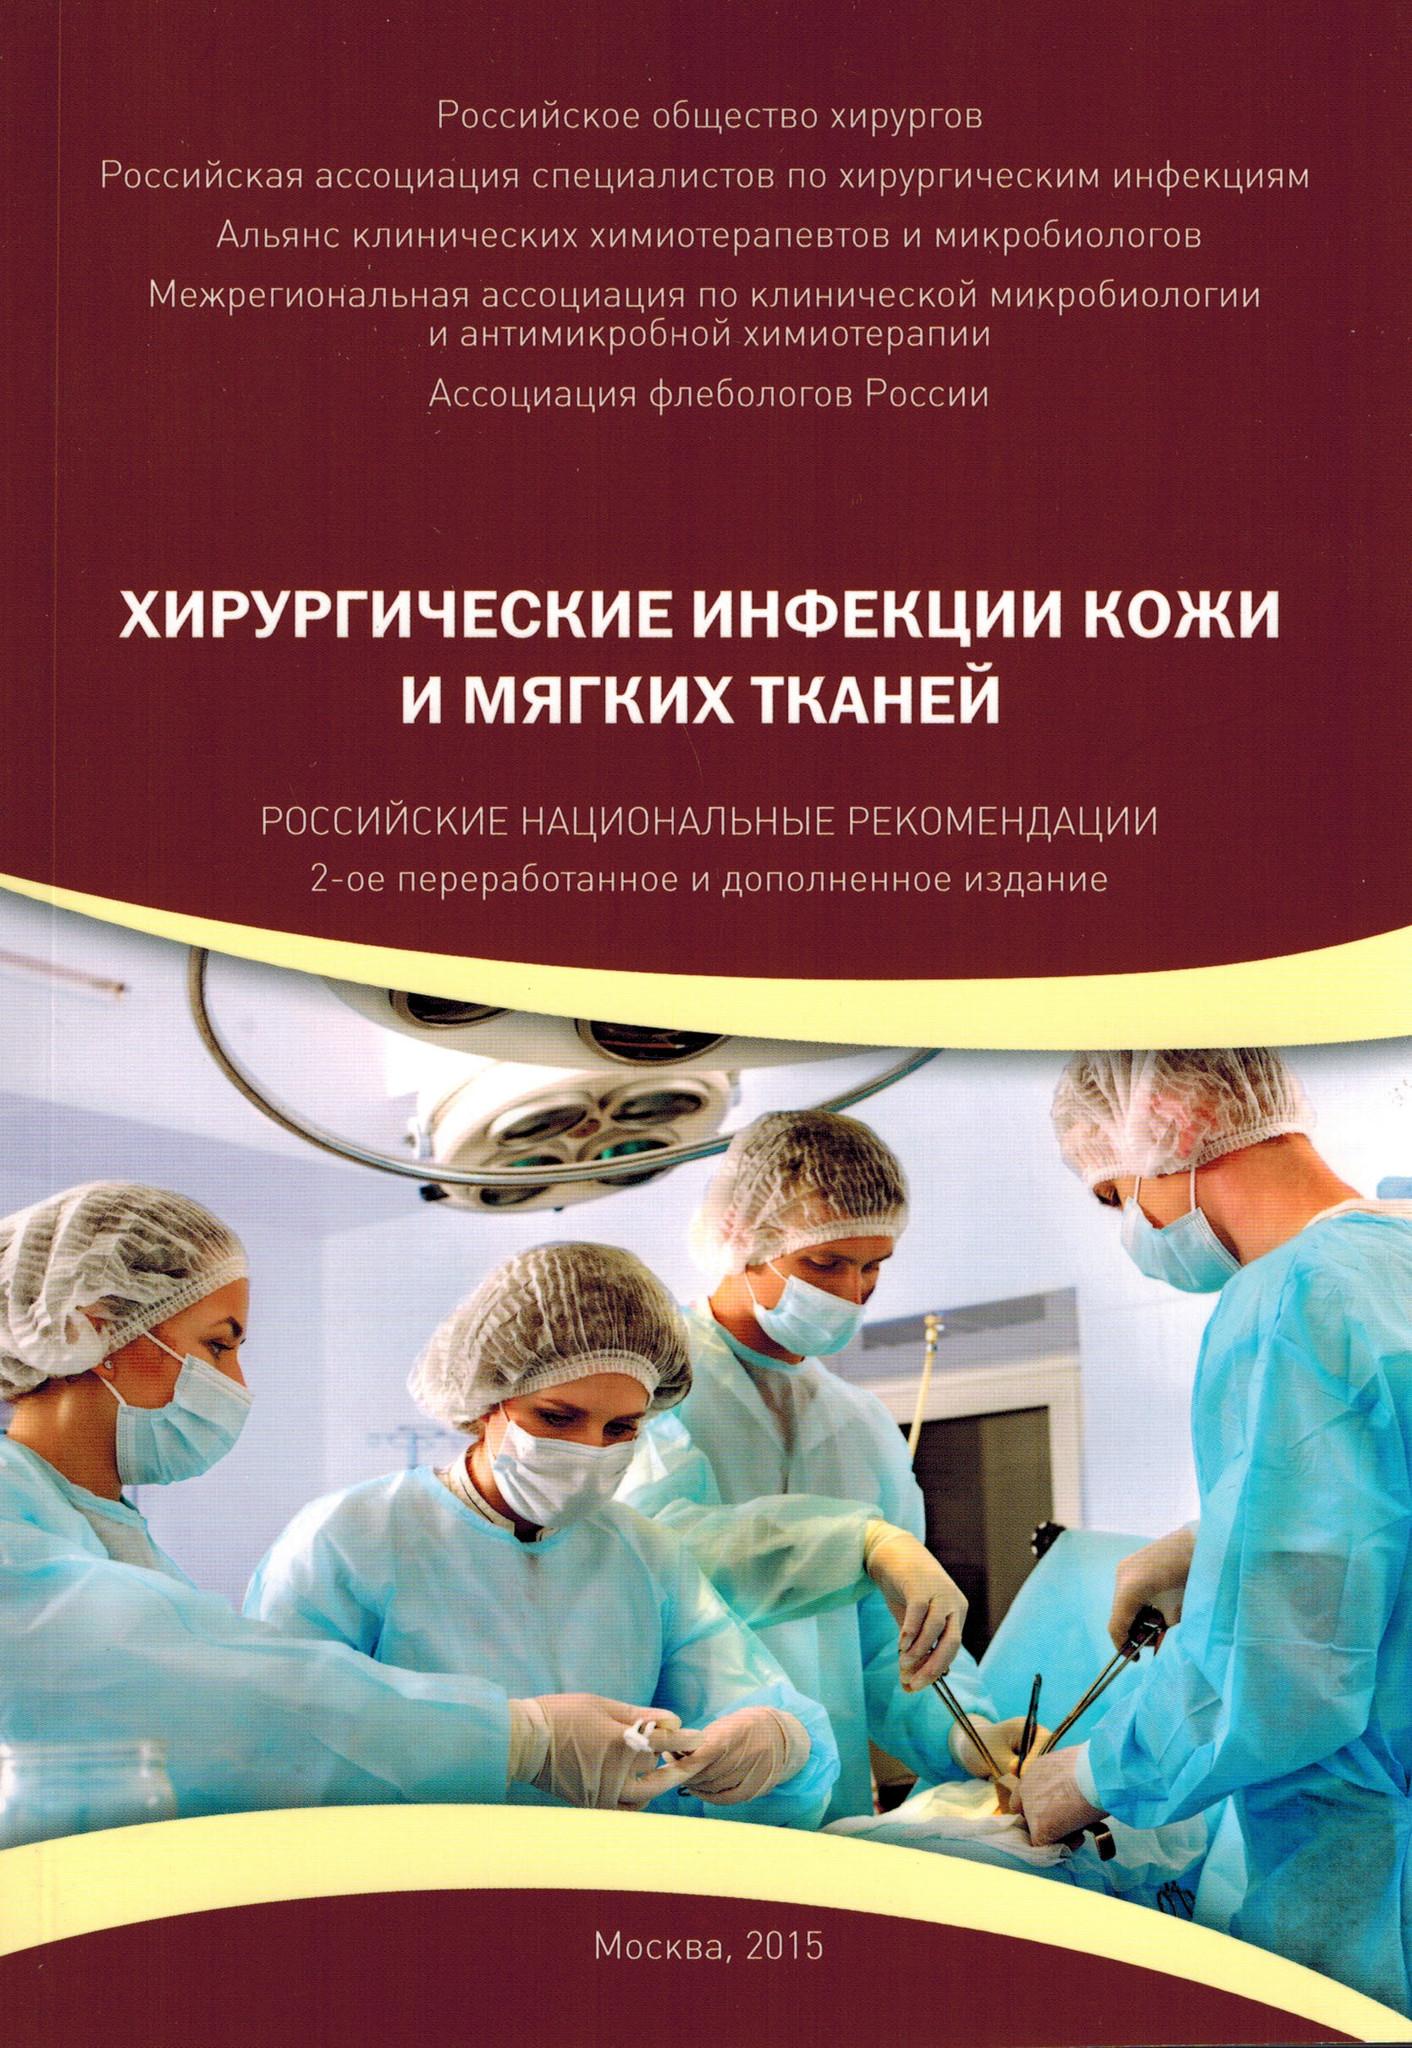 Каталог Хирургические инфекции кожи и мягких тканей hik.jpg